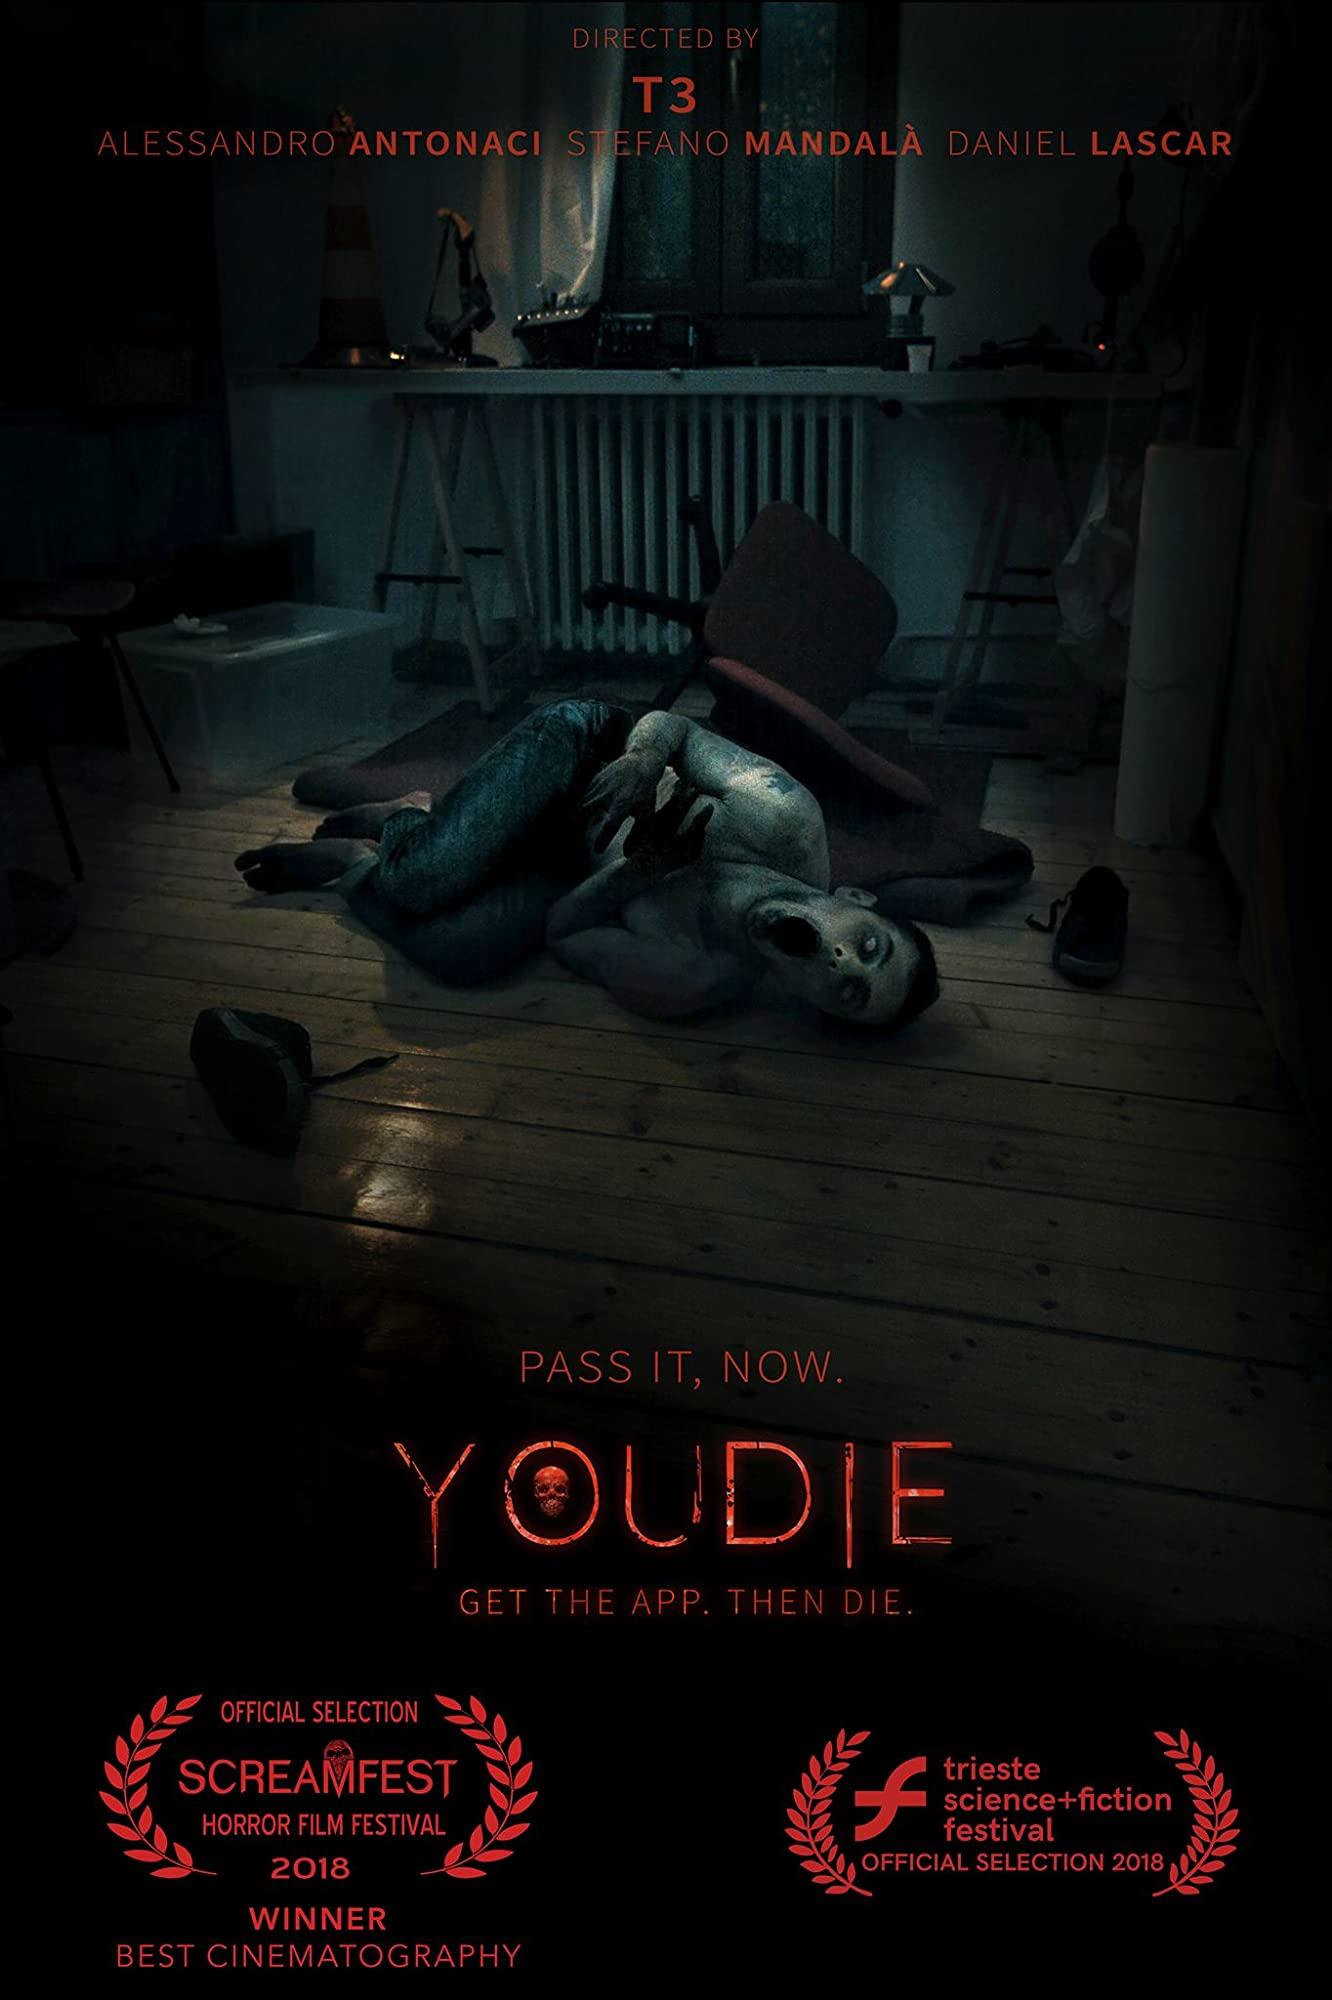 """Hol dir die App und die stirbst: Erster Trailer zum Horror-Thriller """"You Die"""""""